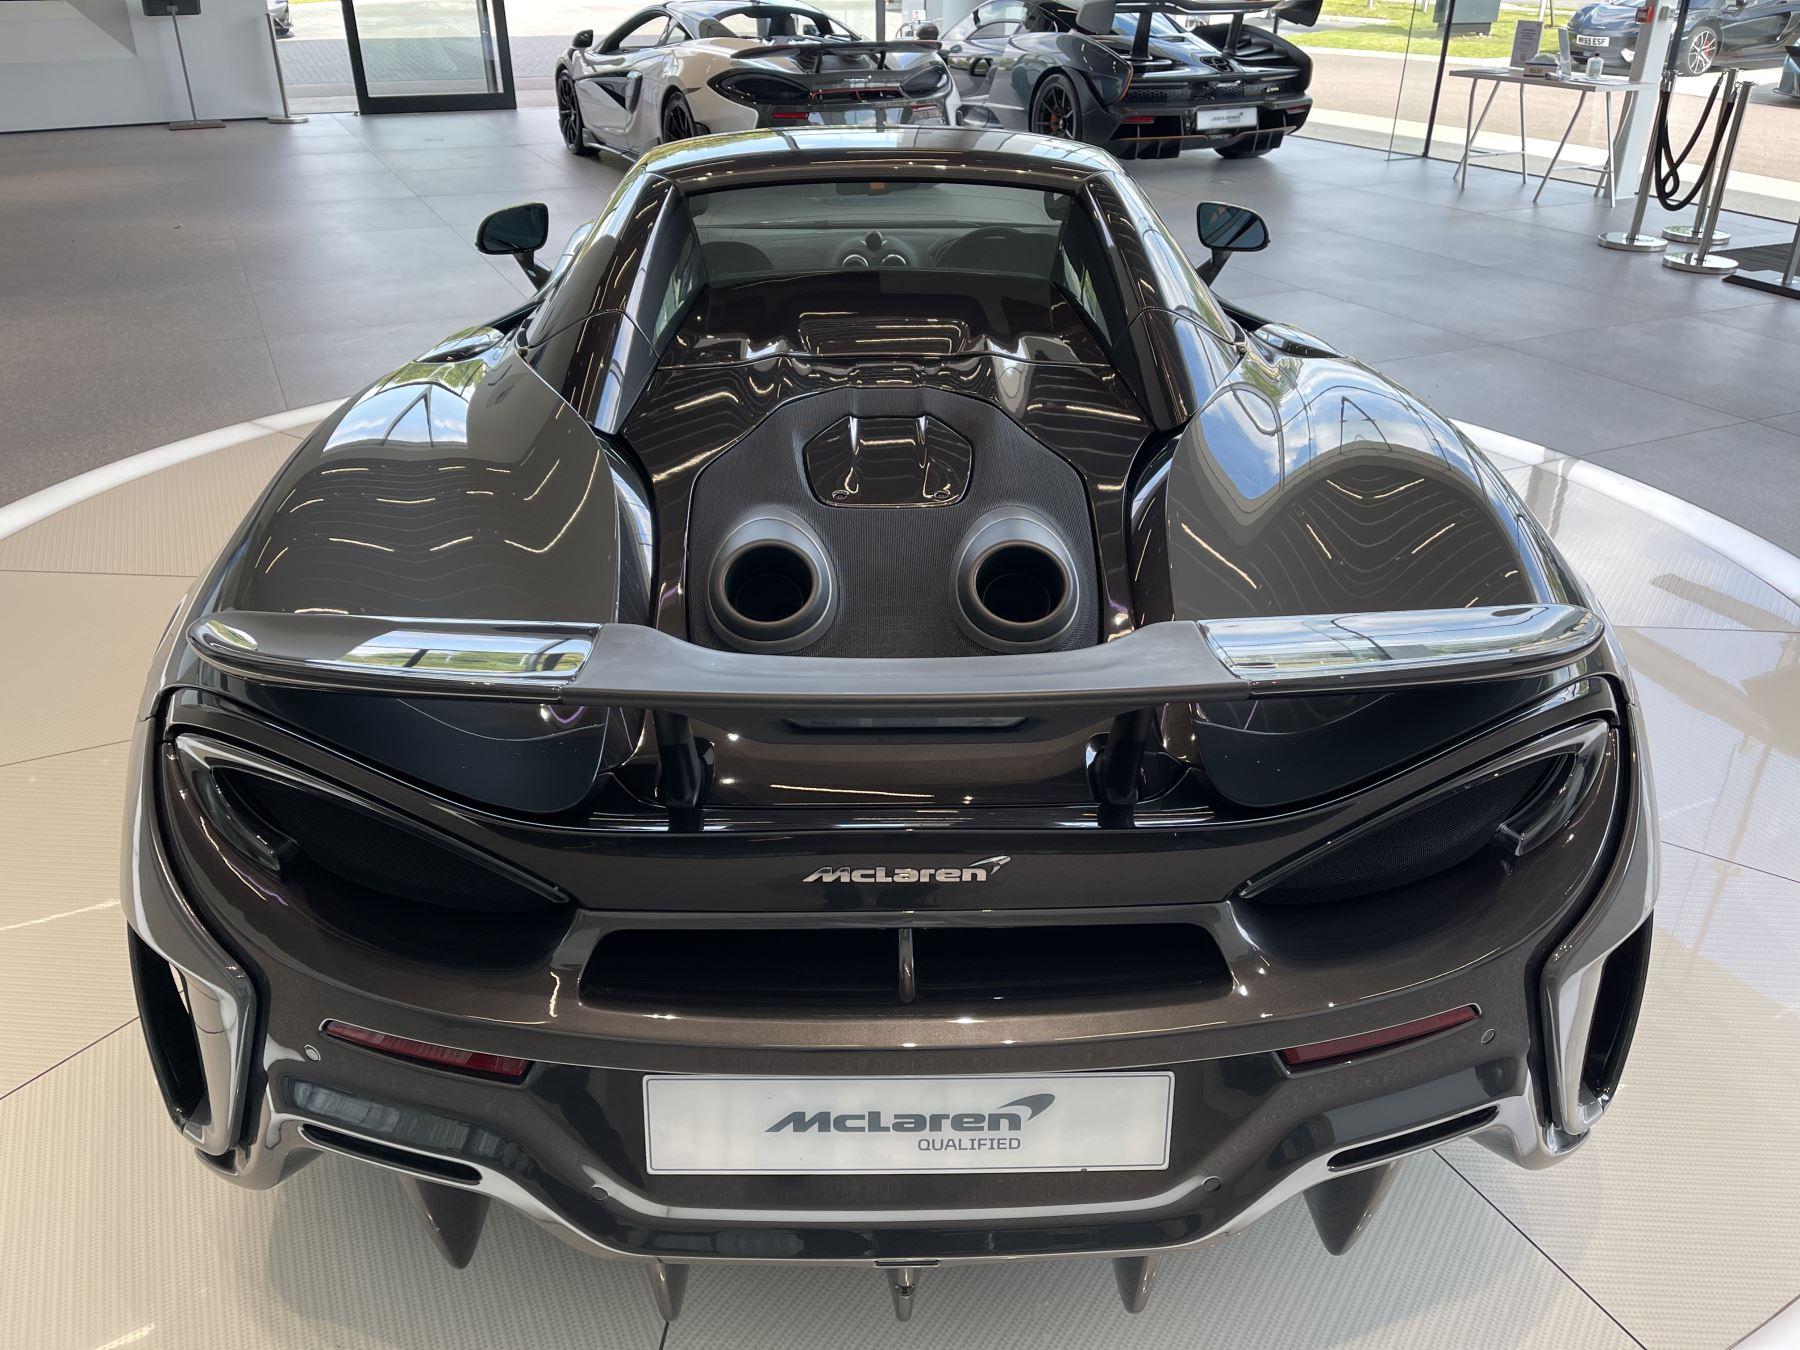 McLaren 600LT Spider V8 SSG image 10